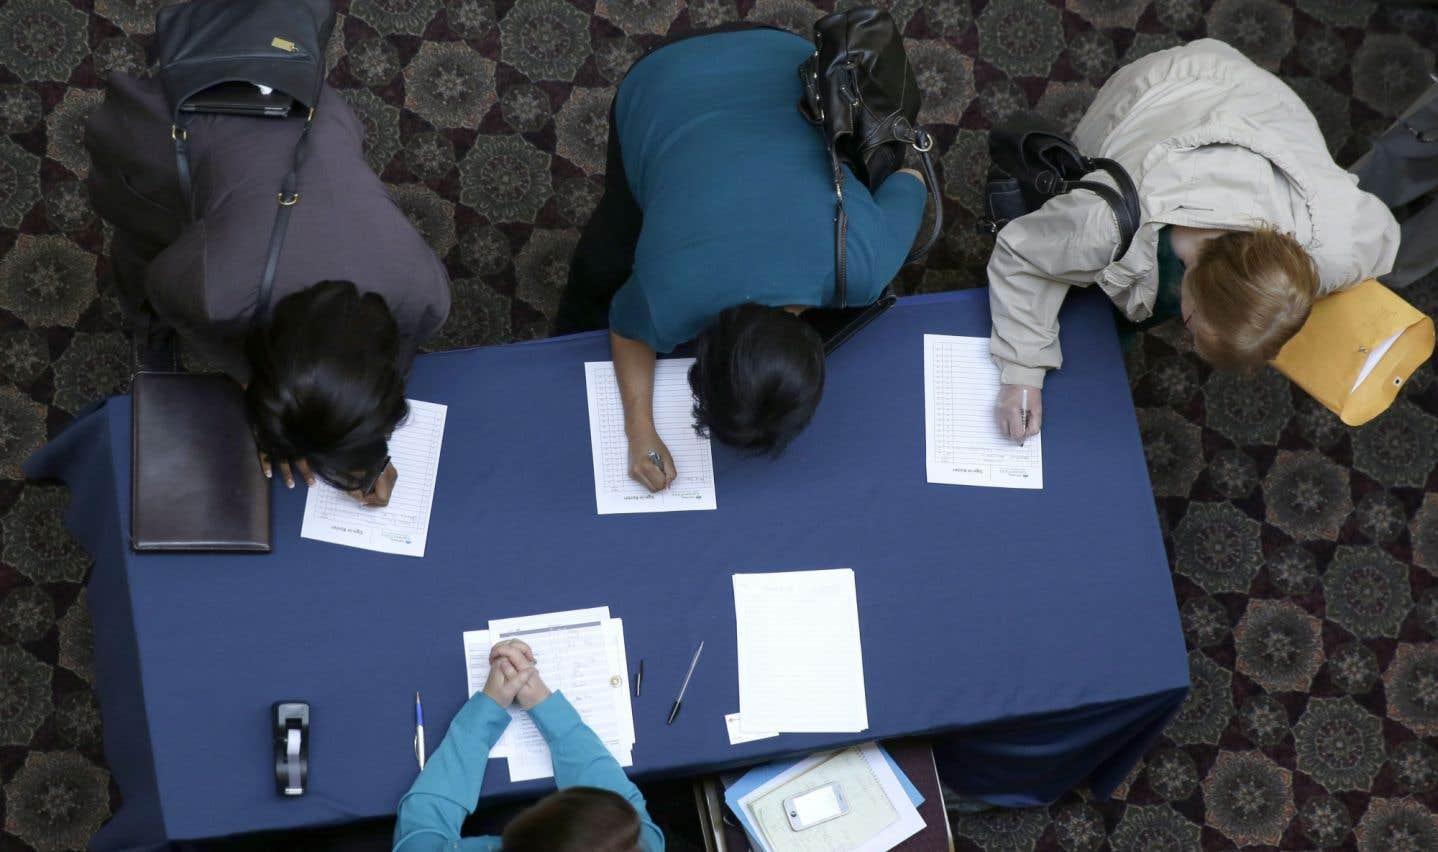 Les sans-emploi reprennent espoir aux États-Unis